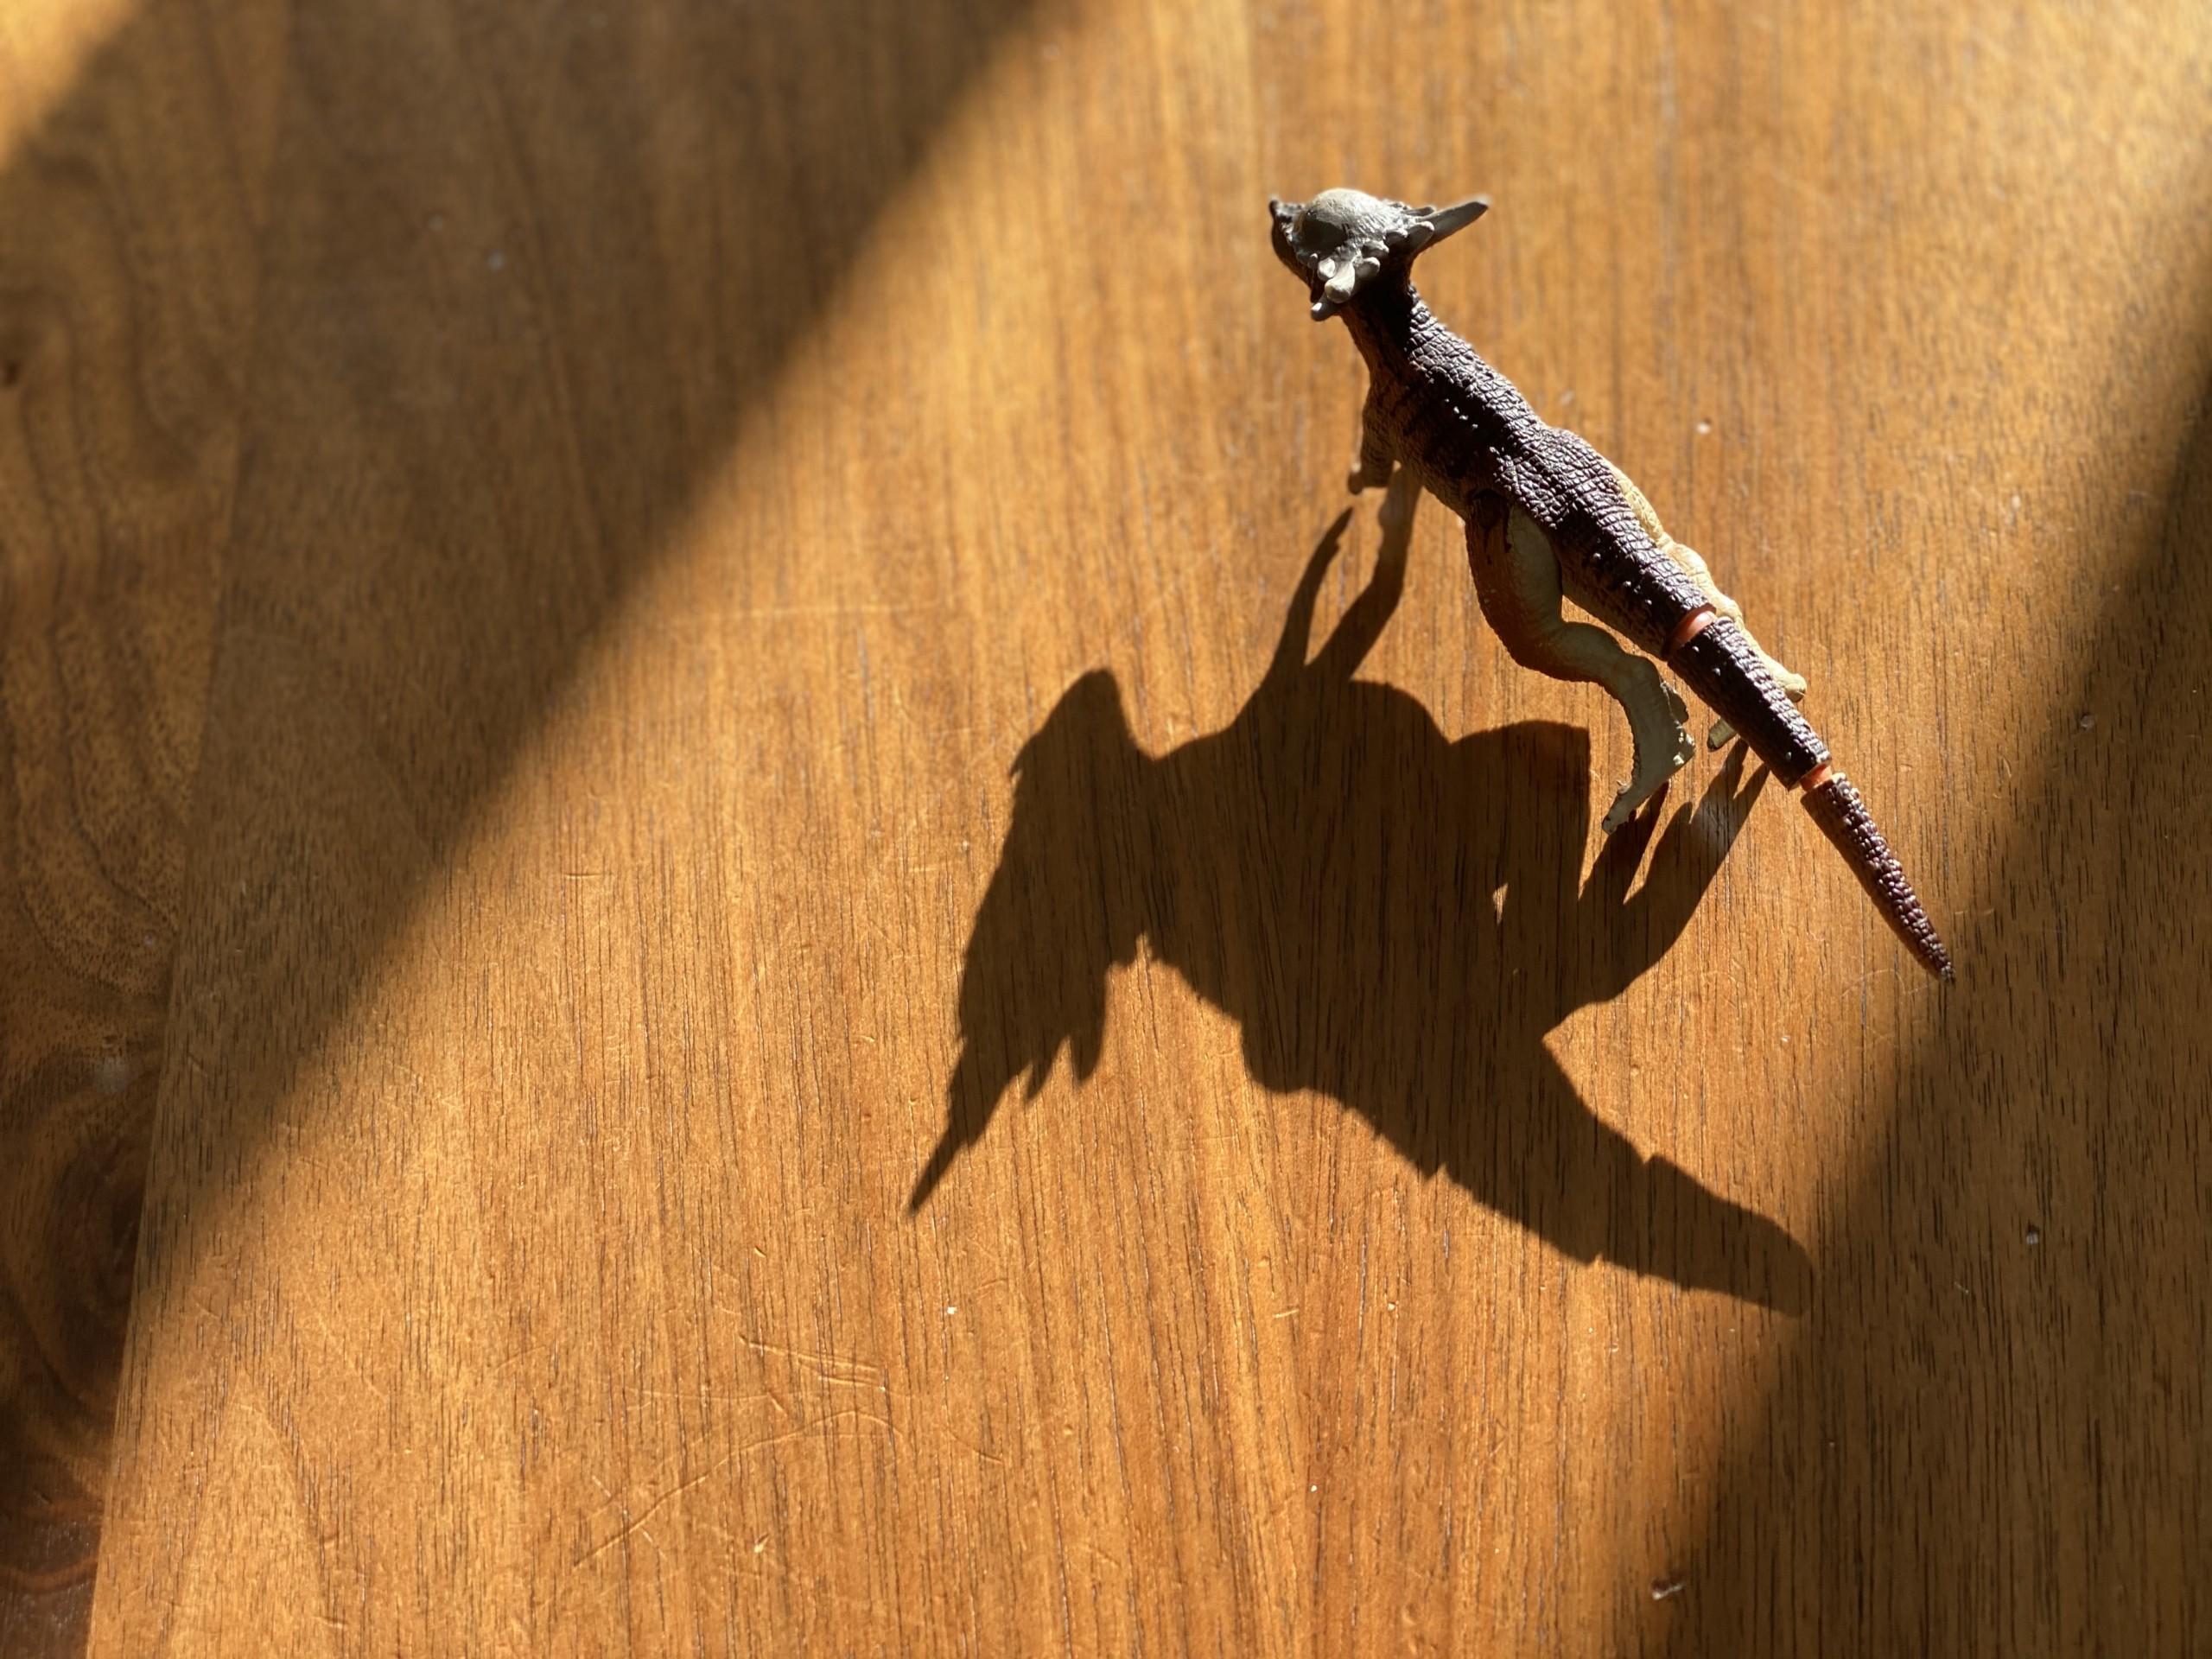 恐竜の影が伸びる